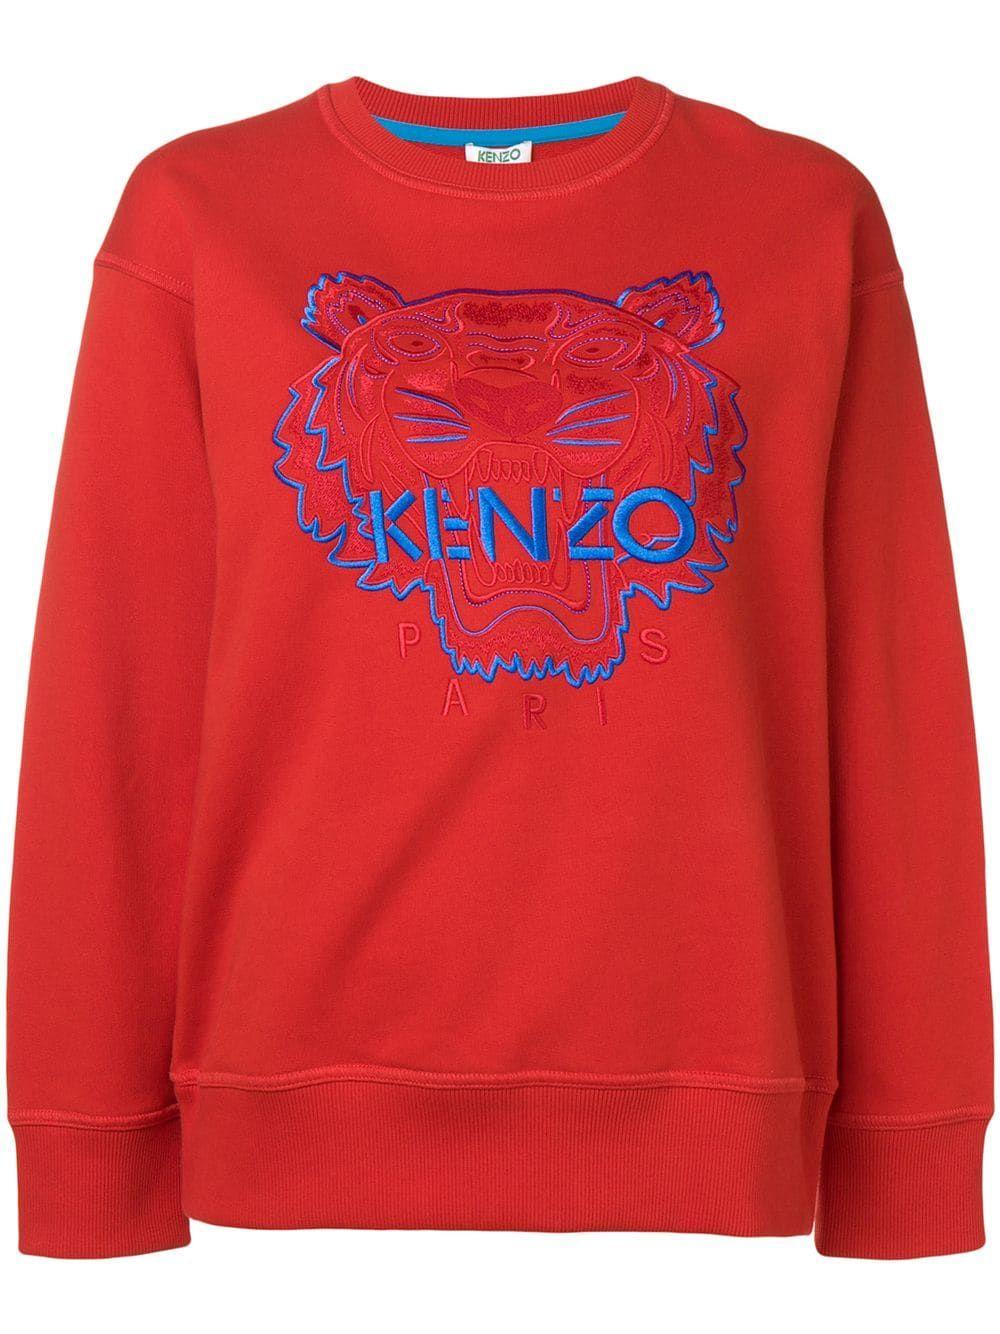 de14e6de6e Kenzo tiger sweatshirt - Red in 2019 | Products | Sweatshirts, Kenzo ...